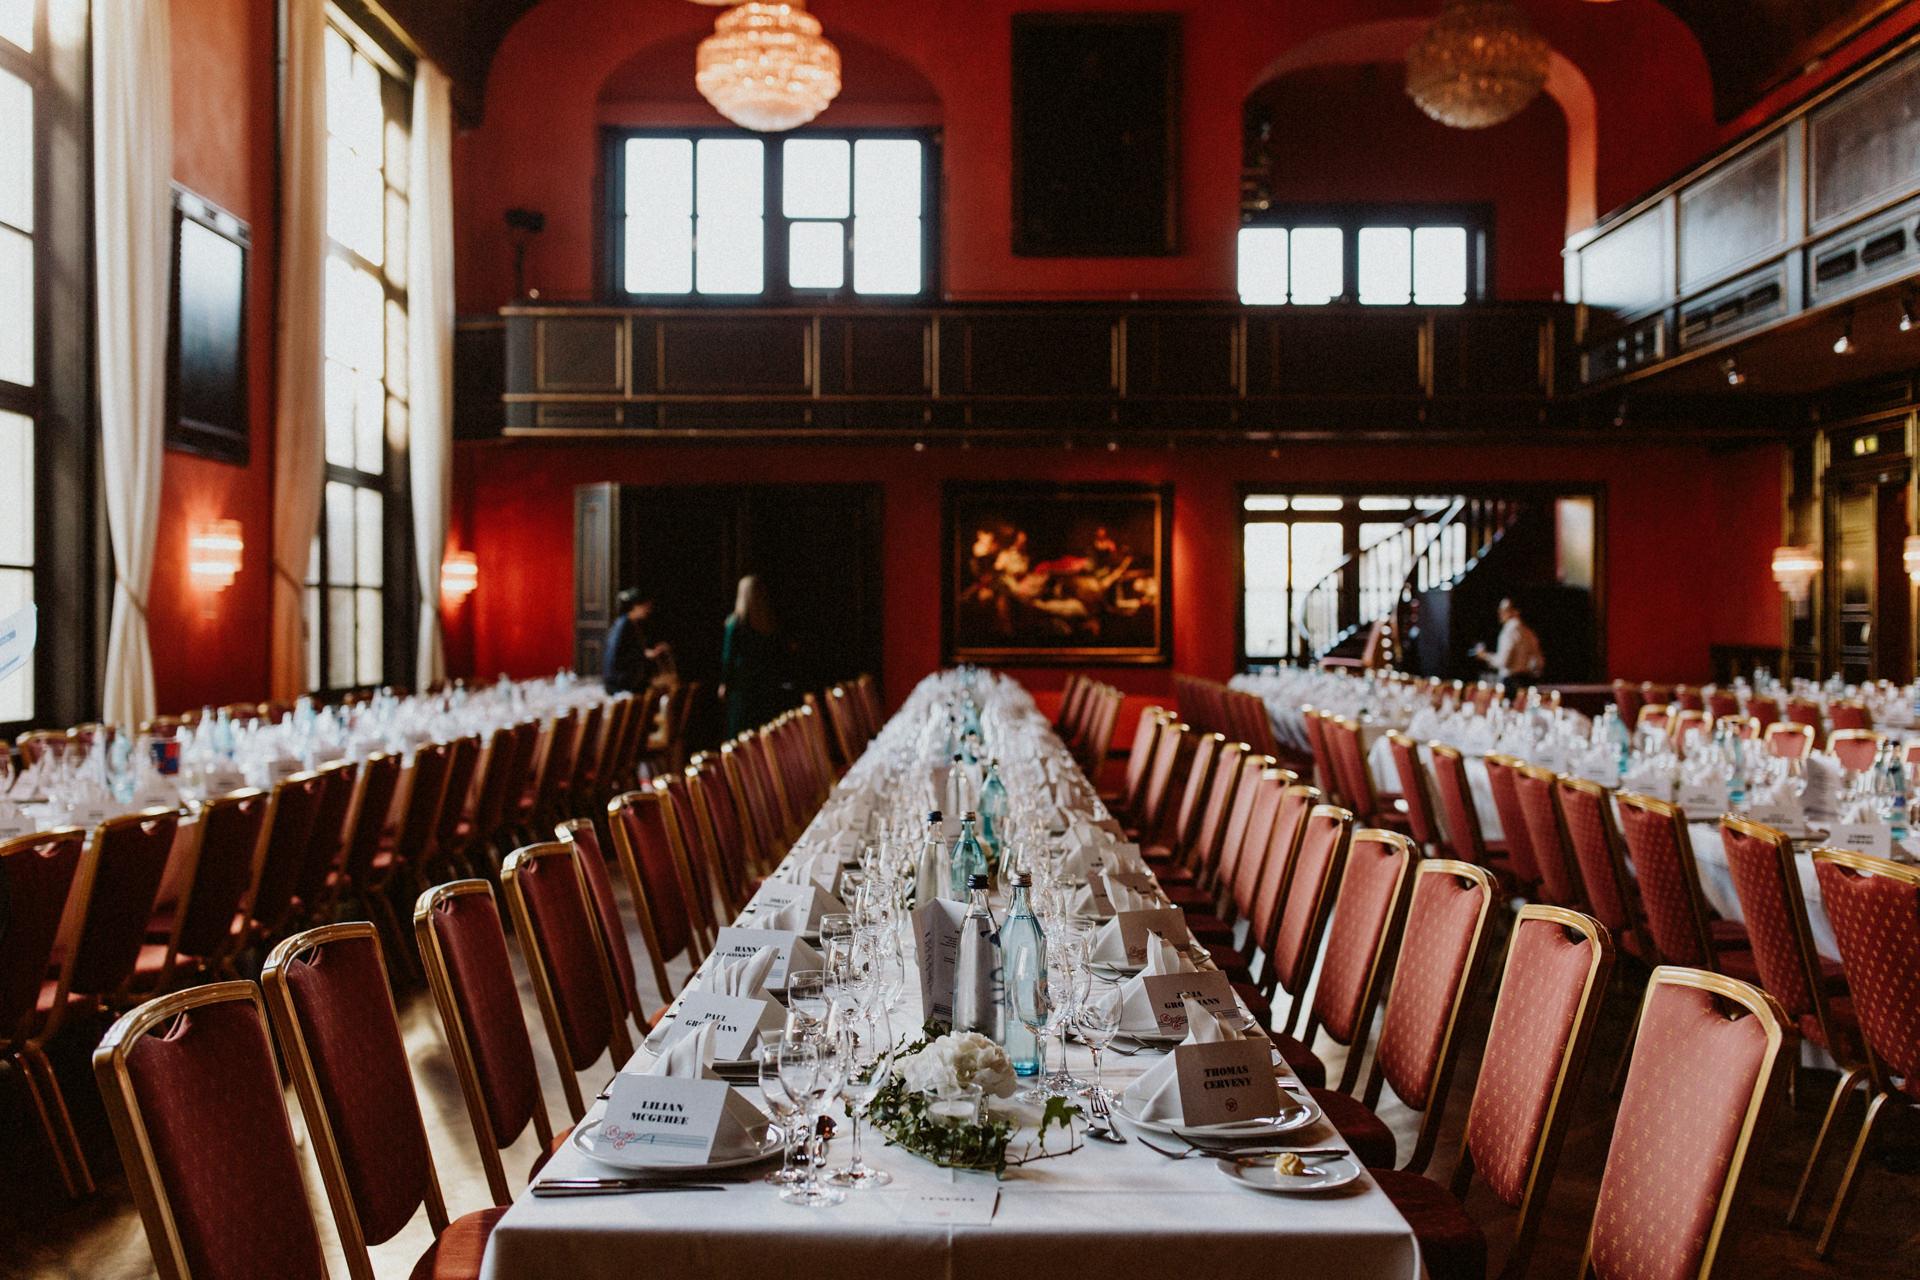 künstlerhaus münchen tafel hochzeit eingedeckt tische